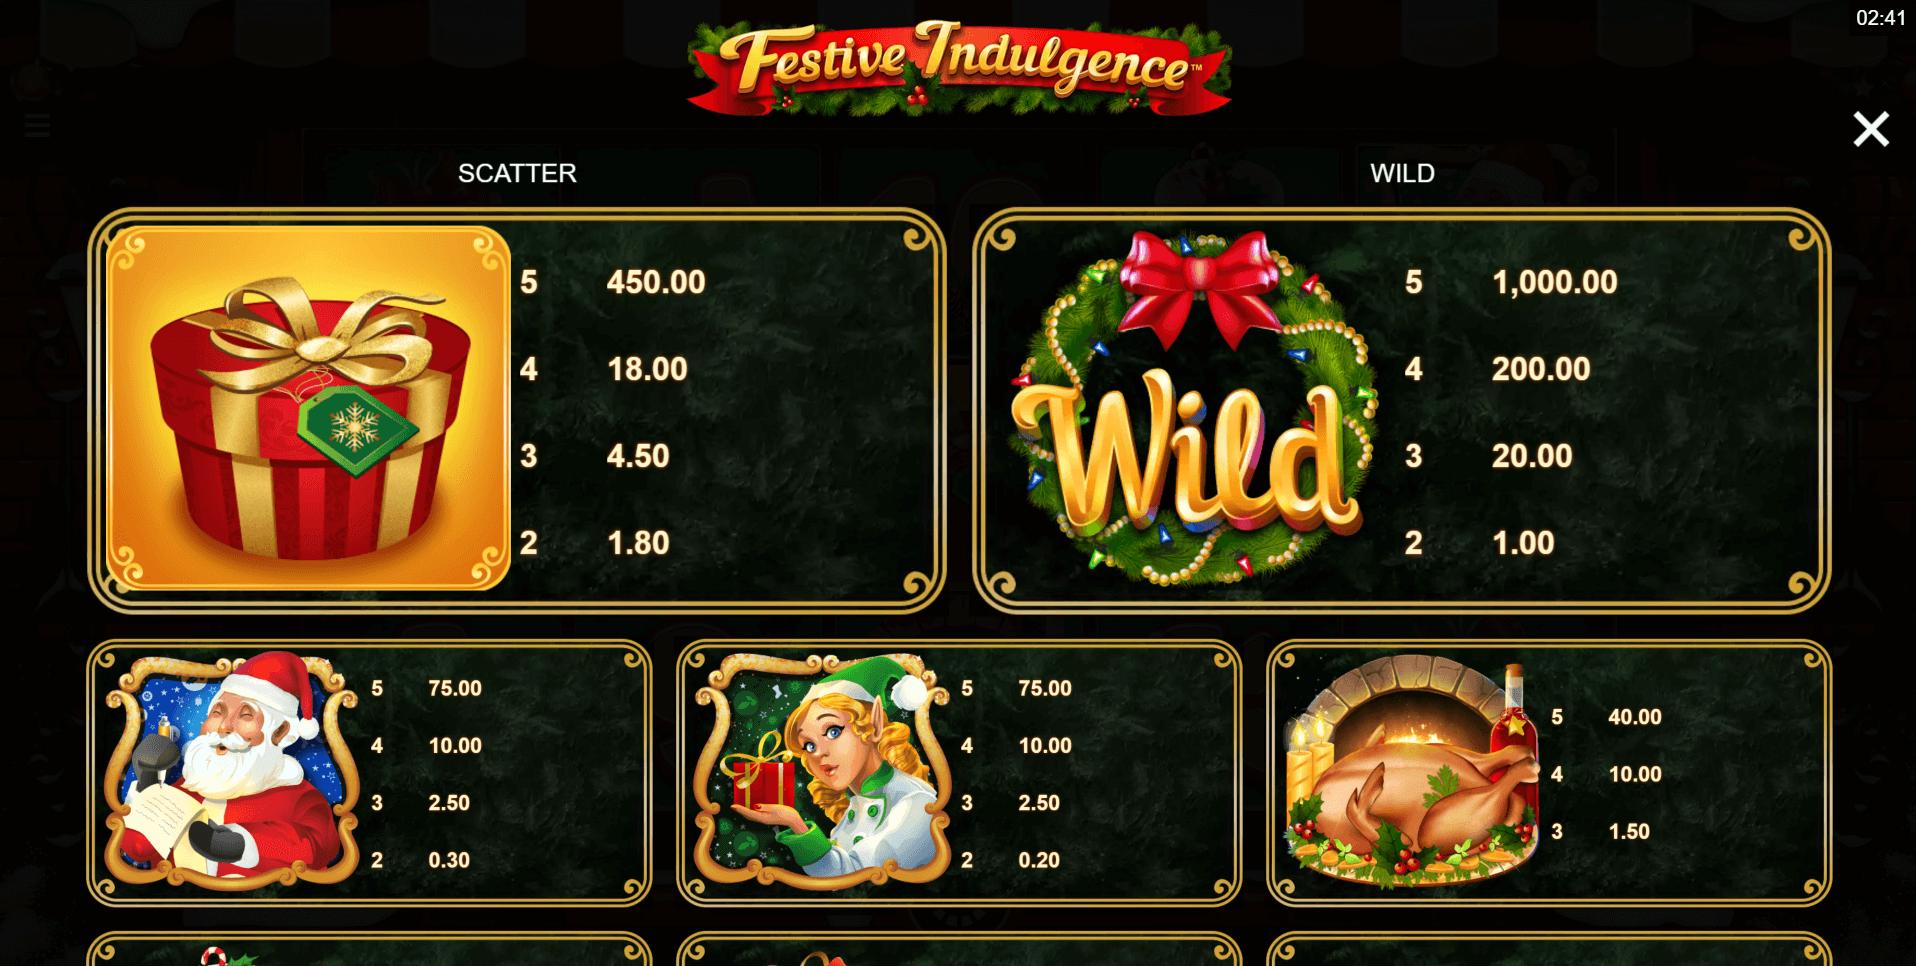 Festive Indulgence Slot Machine